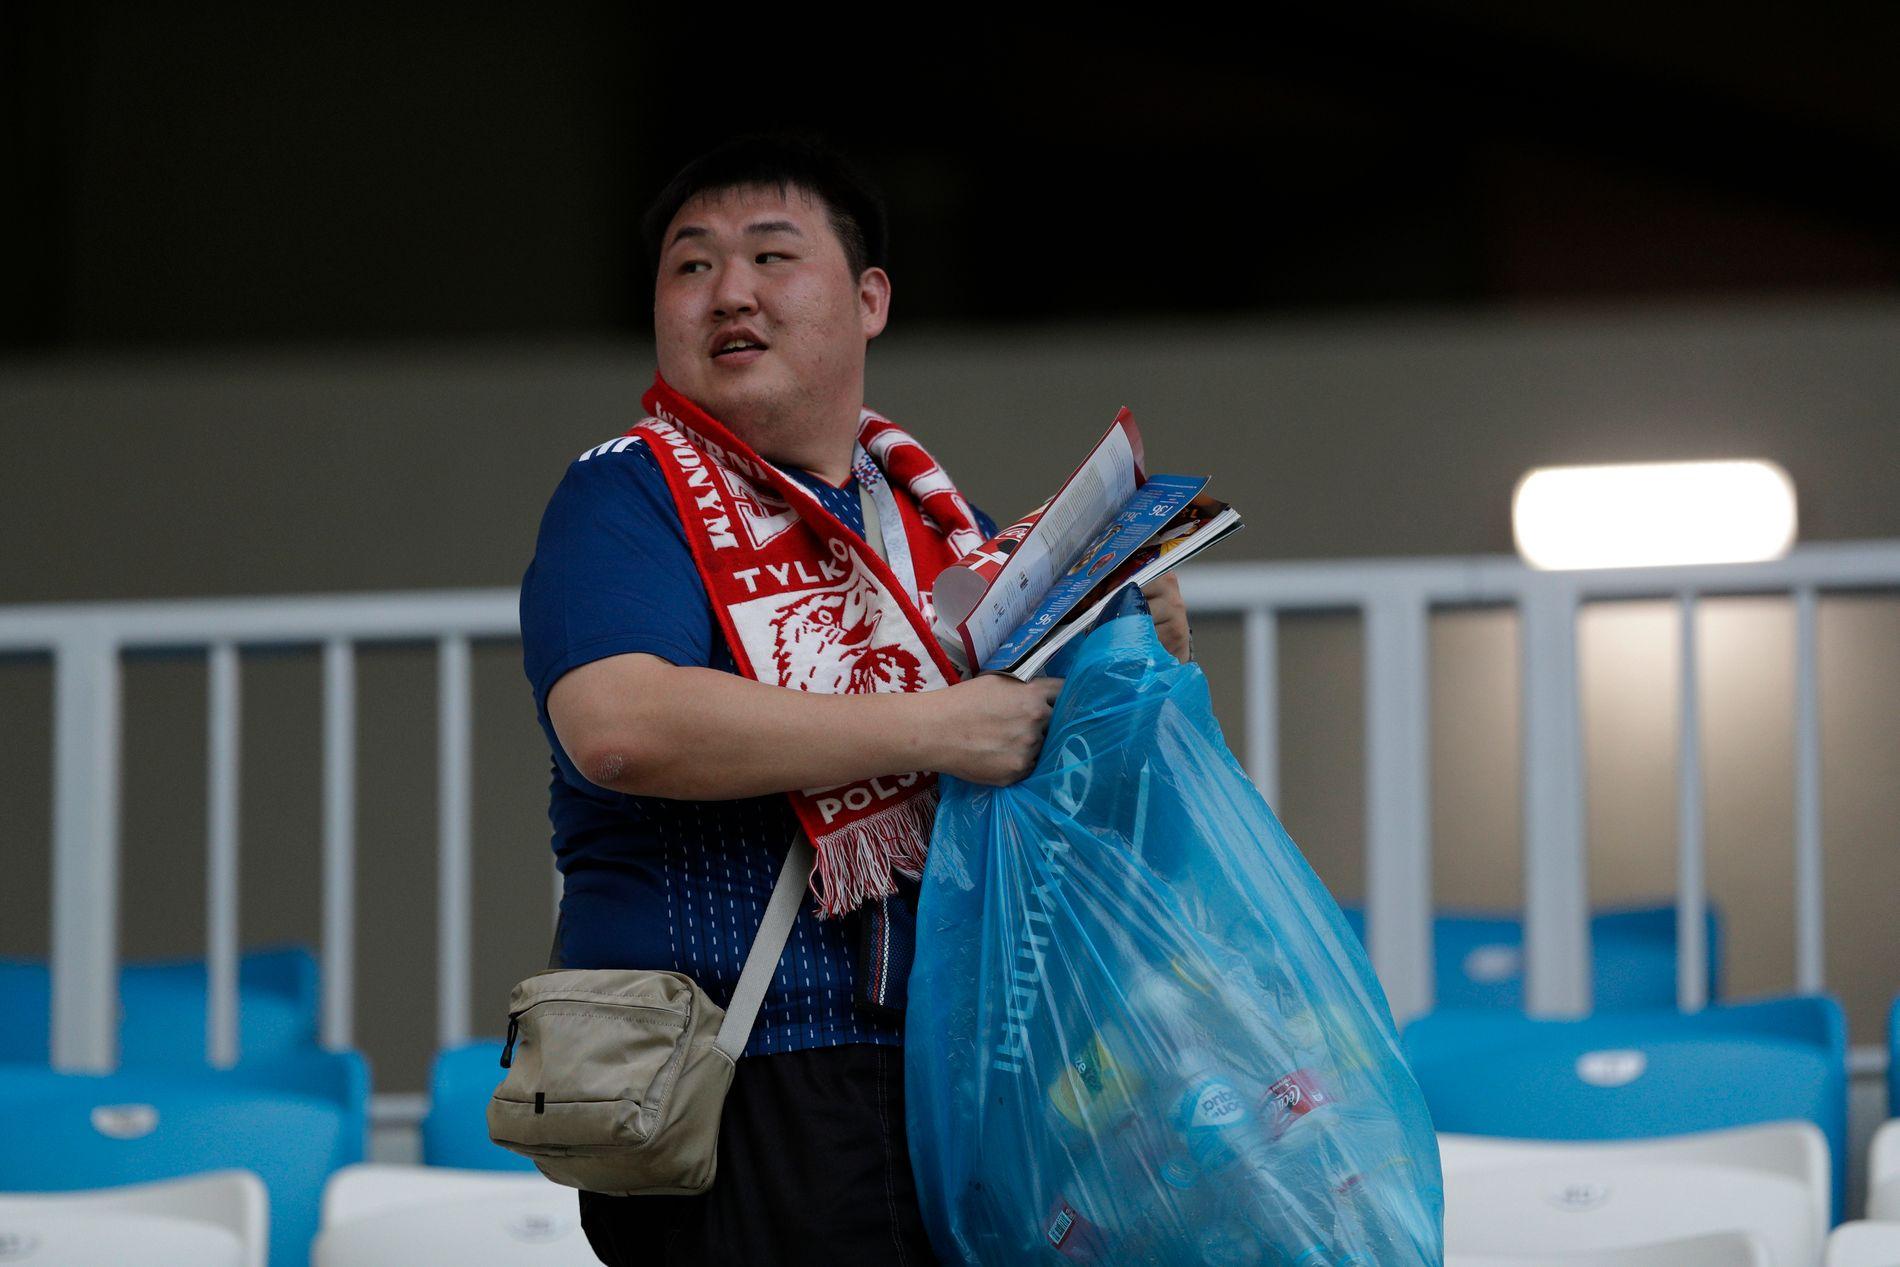 Også etter Japan-Polen plukket supportere opp søppel.